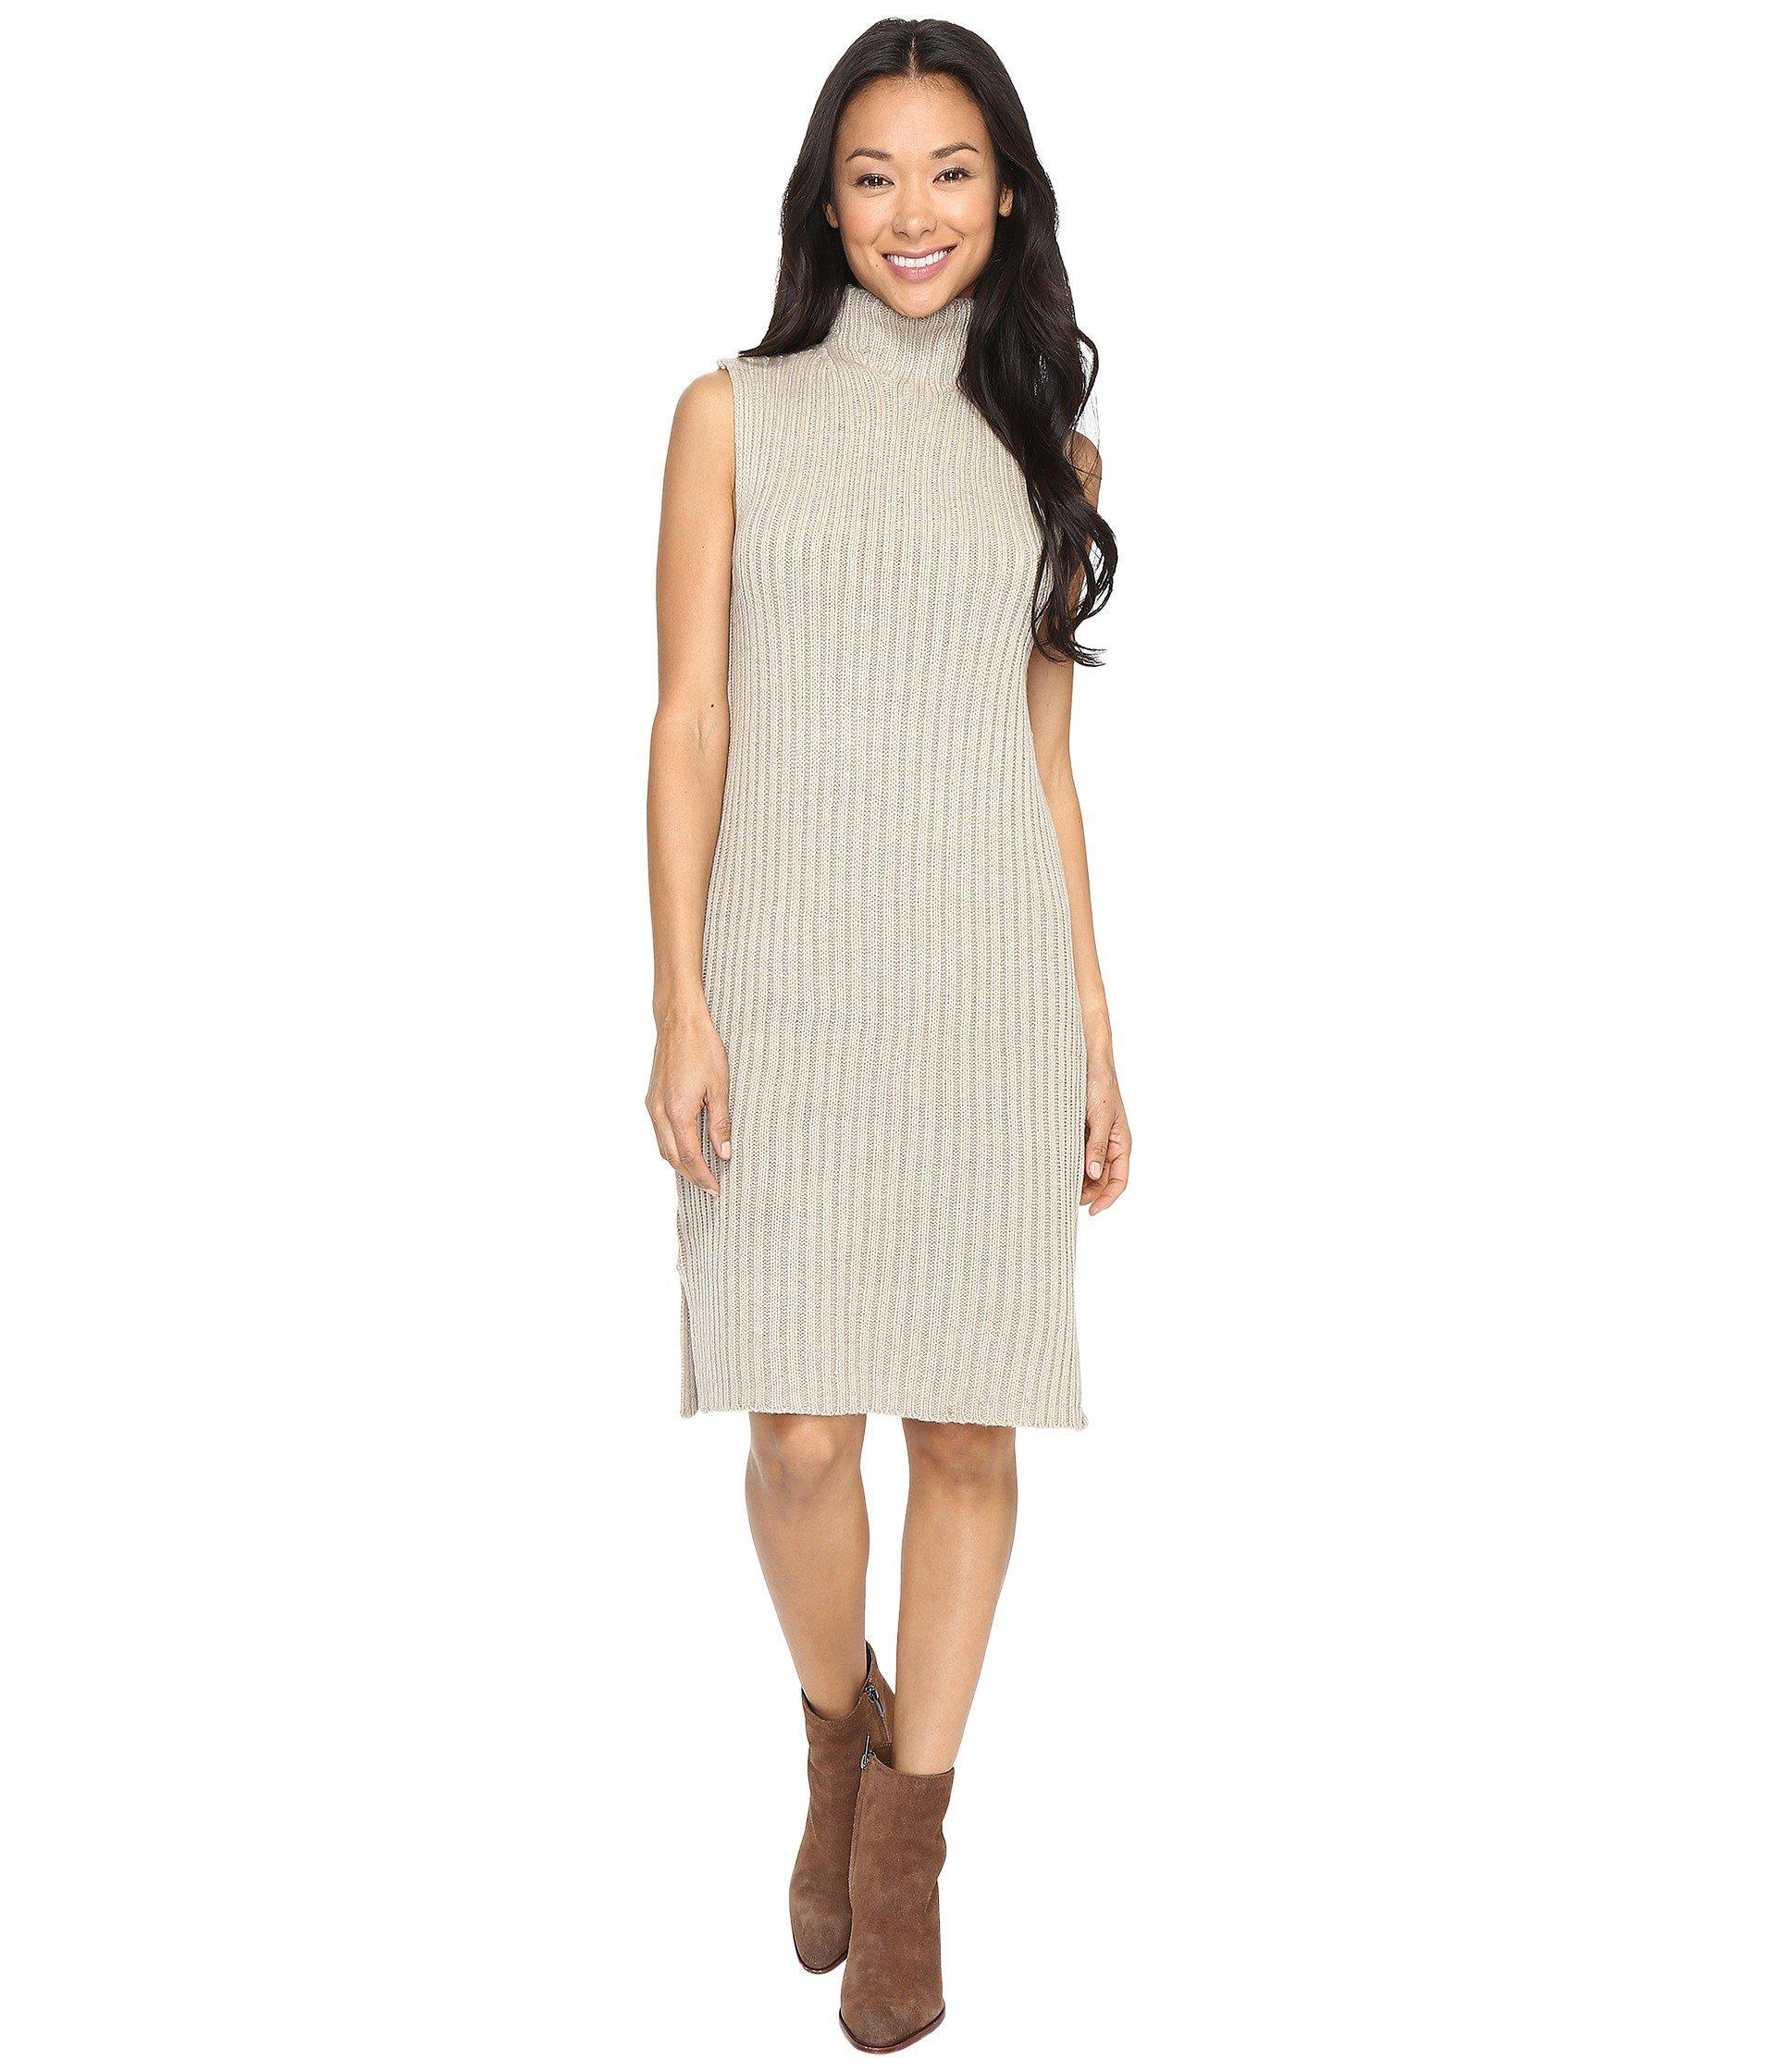 e3215d68382f4 Lyst - Brigitte Bailey Eade Sleeveless Turtleneck Sweater Dress in ...